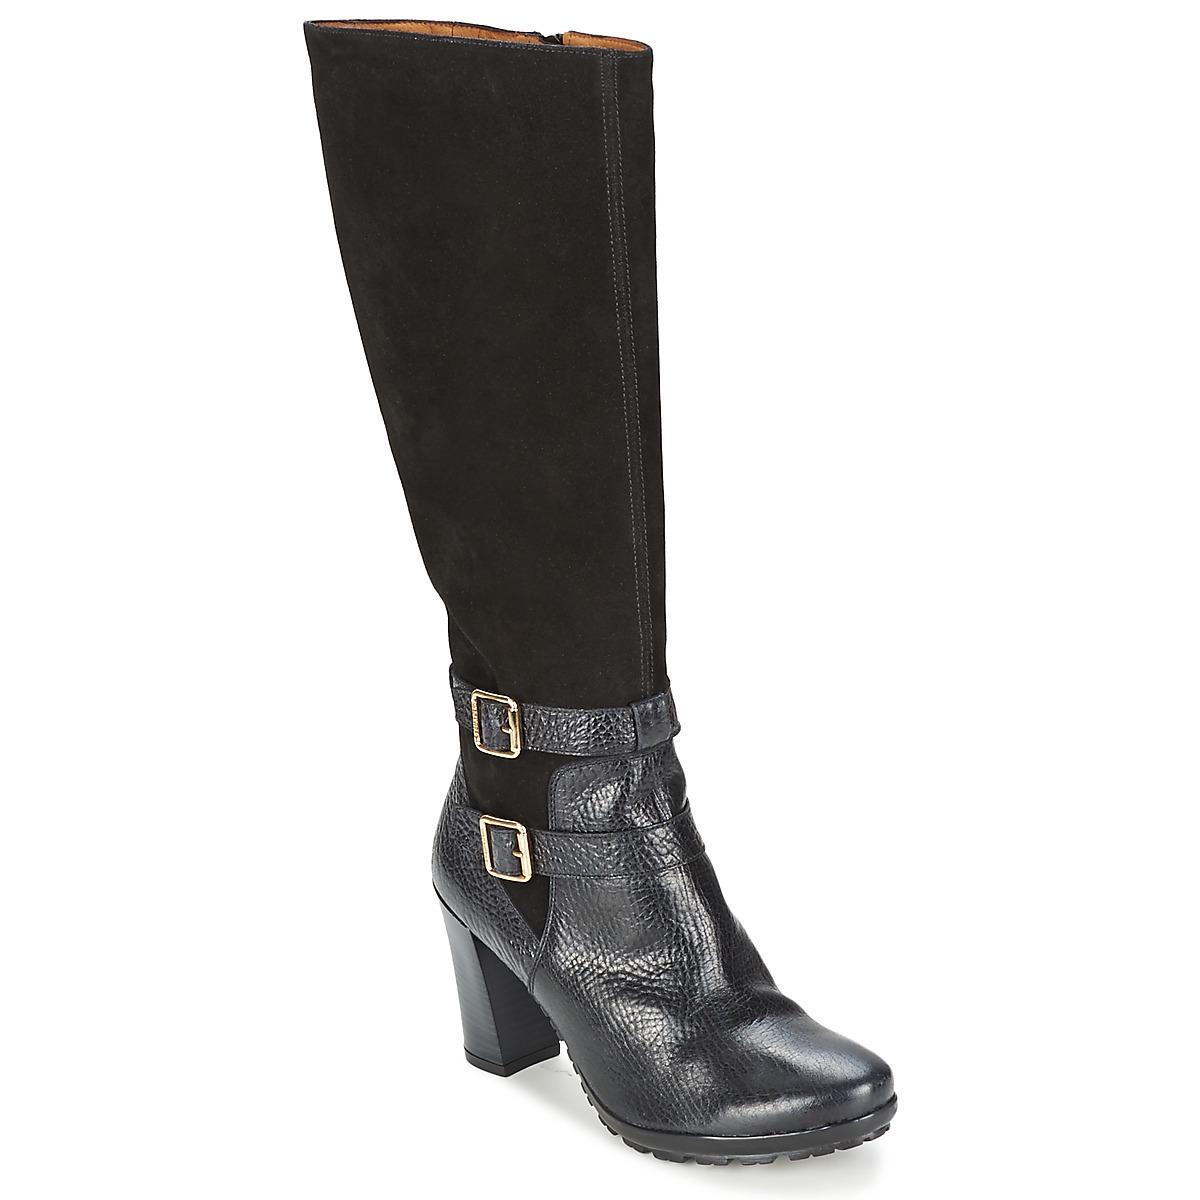 Hispanitas ARIZONA Schwarz - Kostenloser Versand bei Spartoode ! - Schuhe Klassische Stiefel Damen 102,50 €